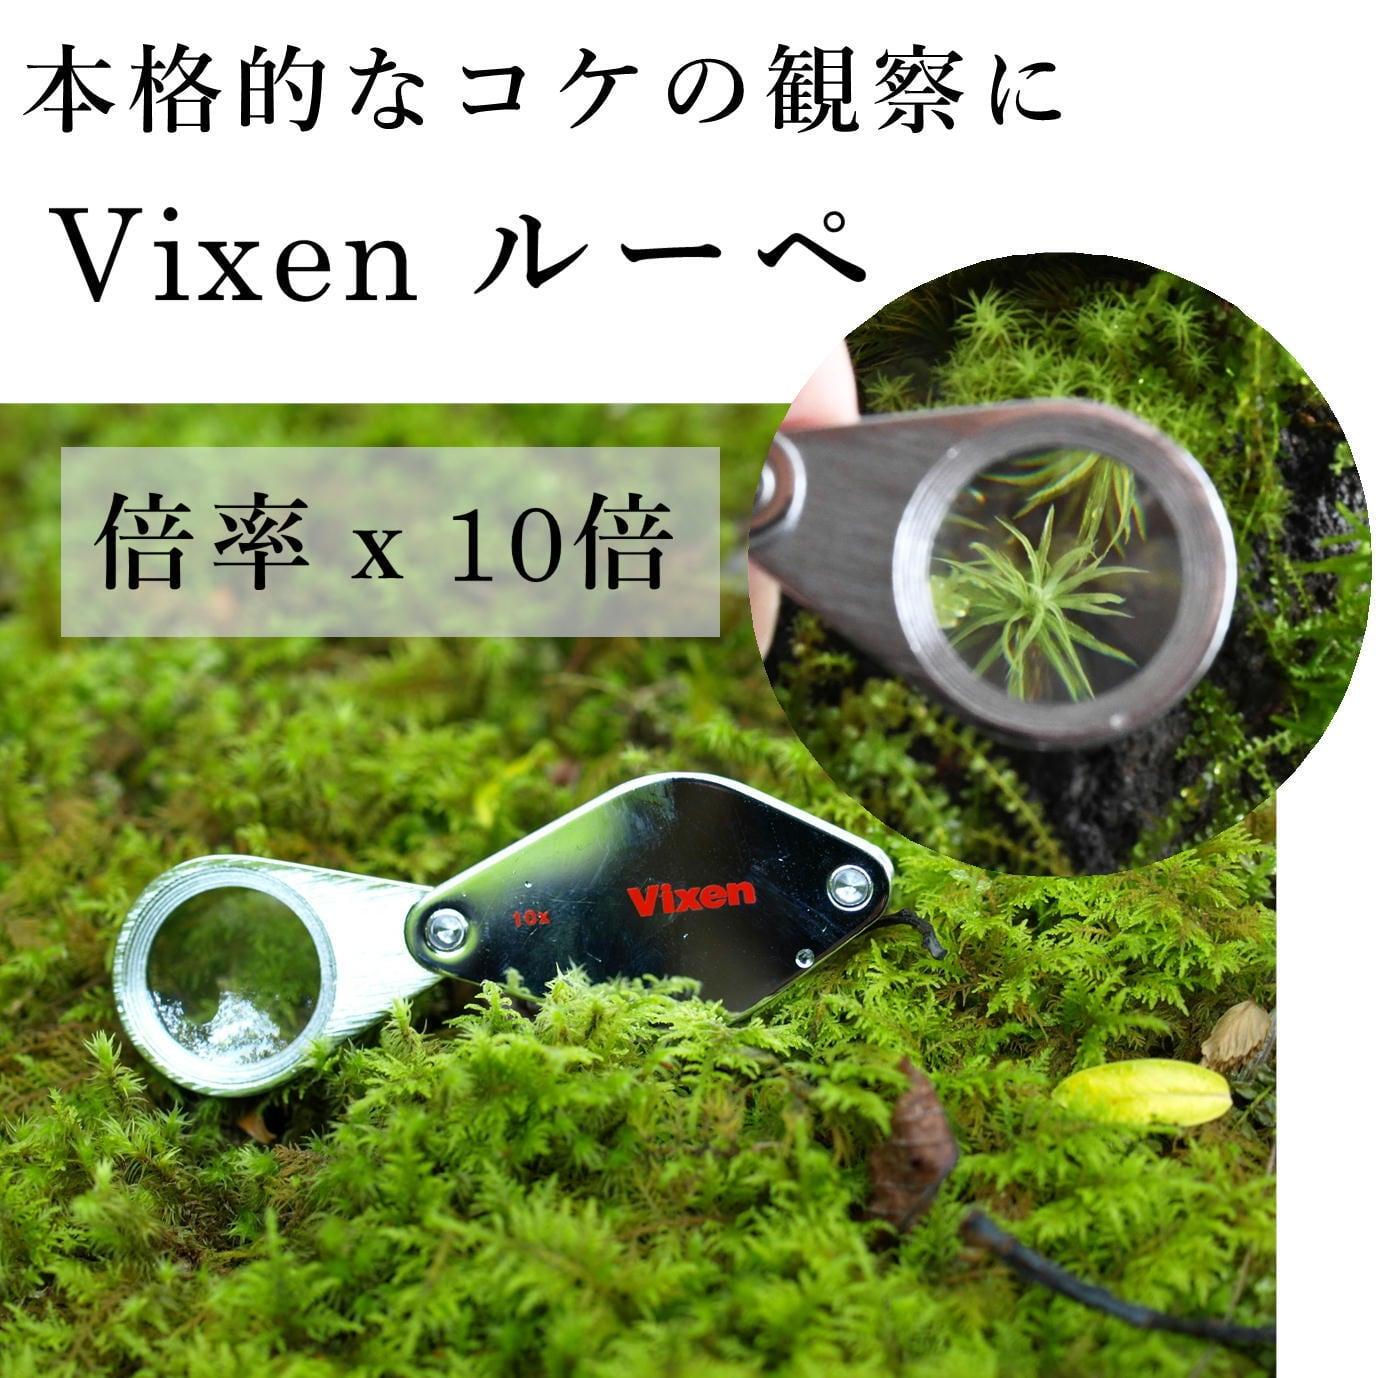 【コケ観察用】Vixen メタルフォルダー ルーペ 10倍